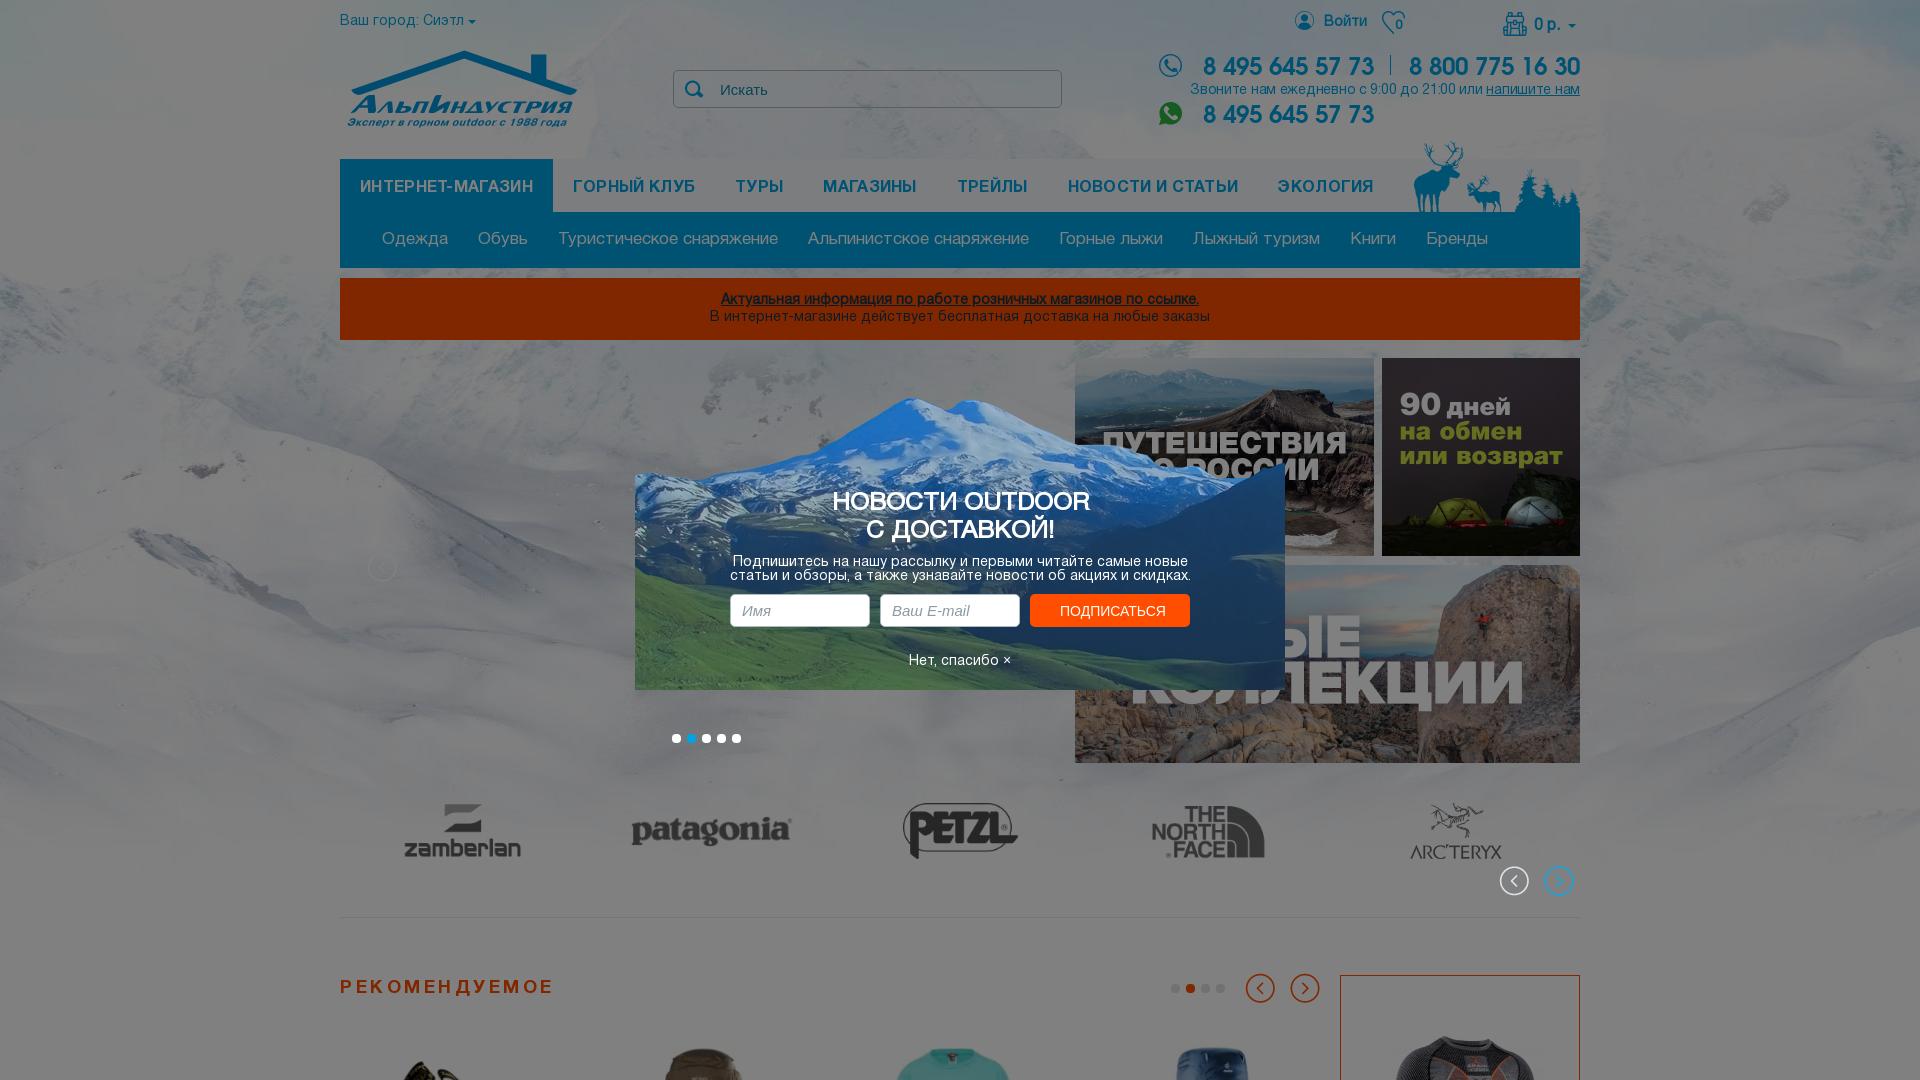 АльпИндустрия website